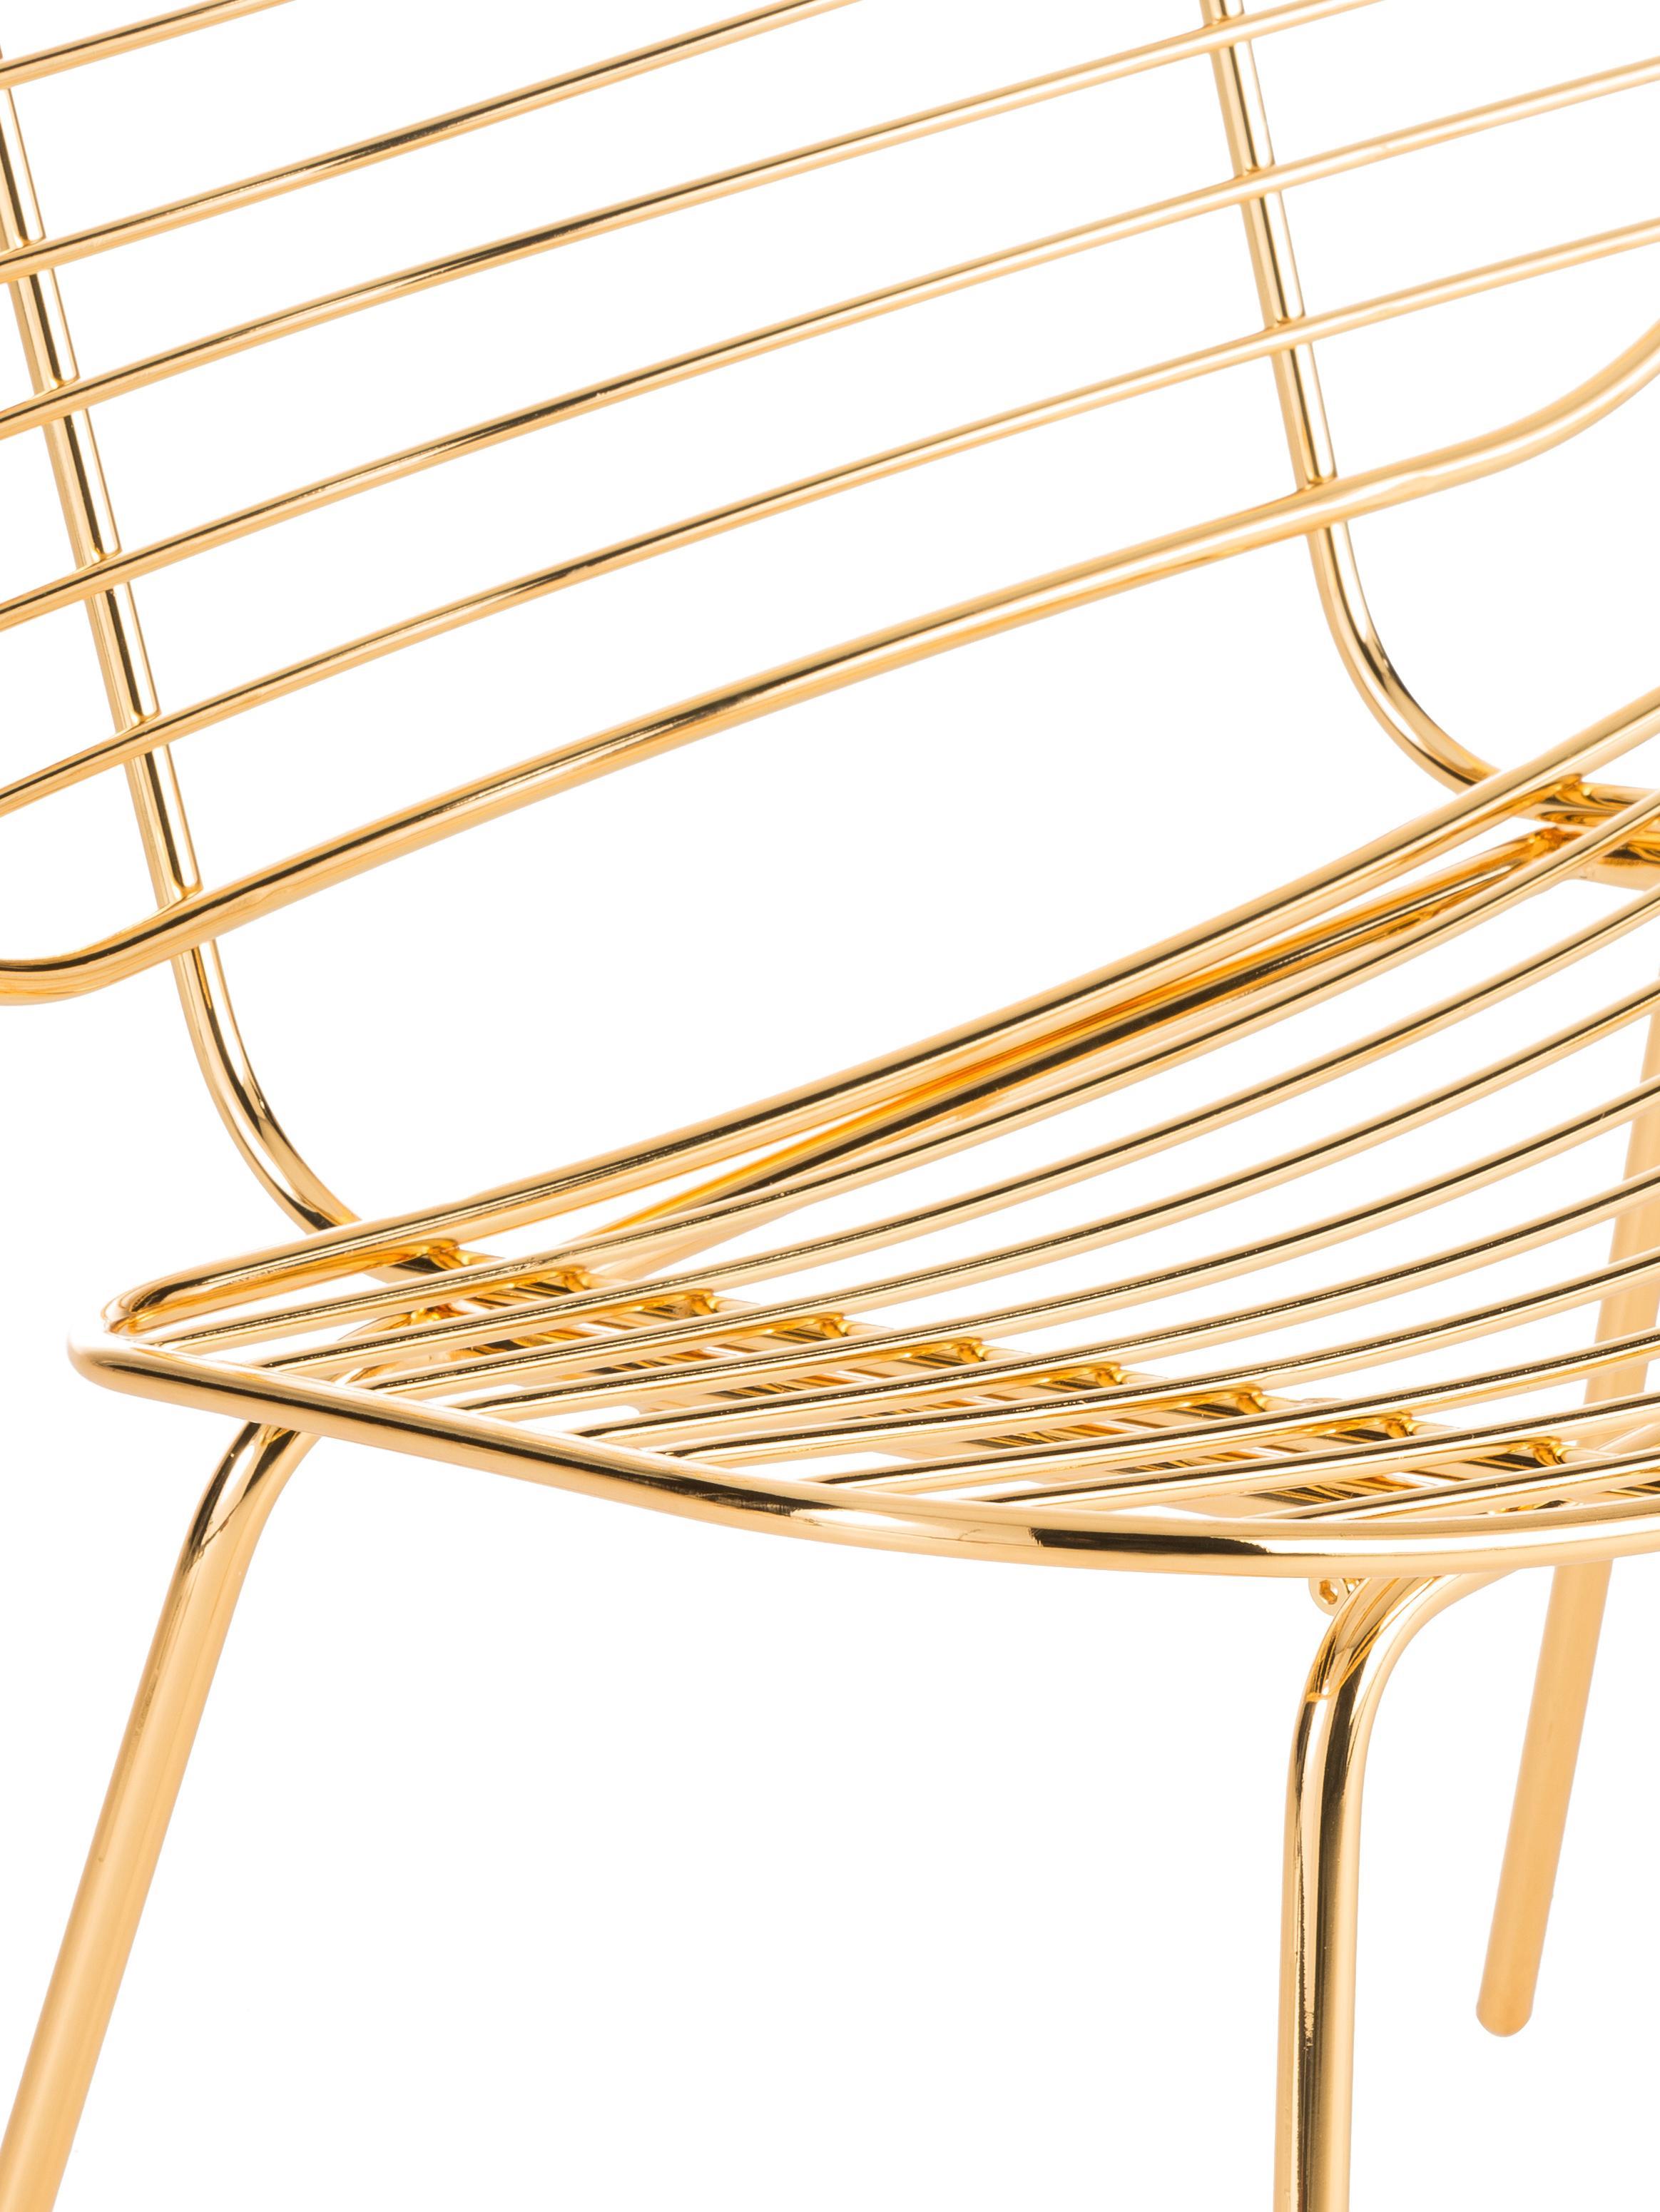 Sedia a poltrona in metallo Chloé, Metallo rivestito, Ottone, Larg. 71 x Alt. 81 cm